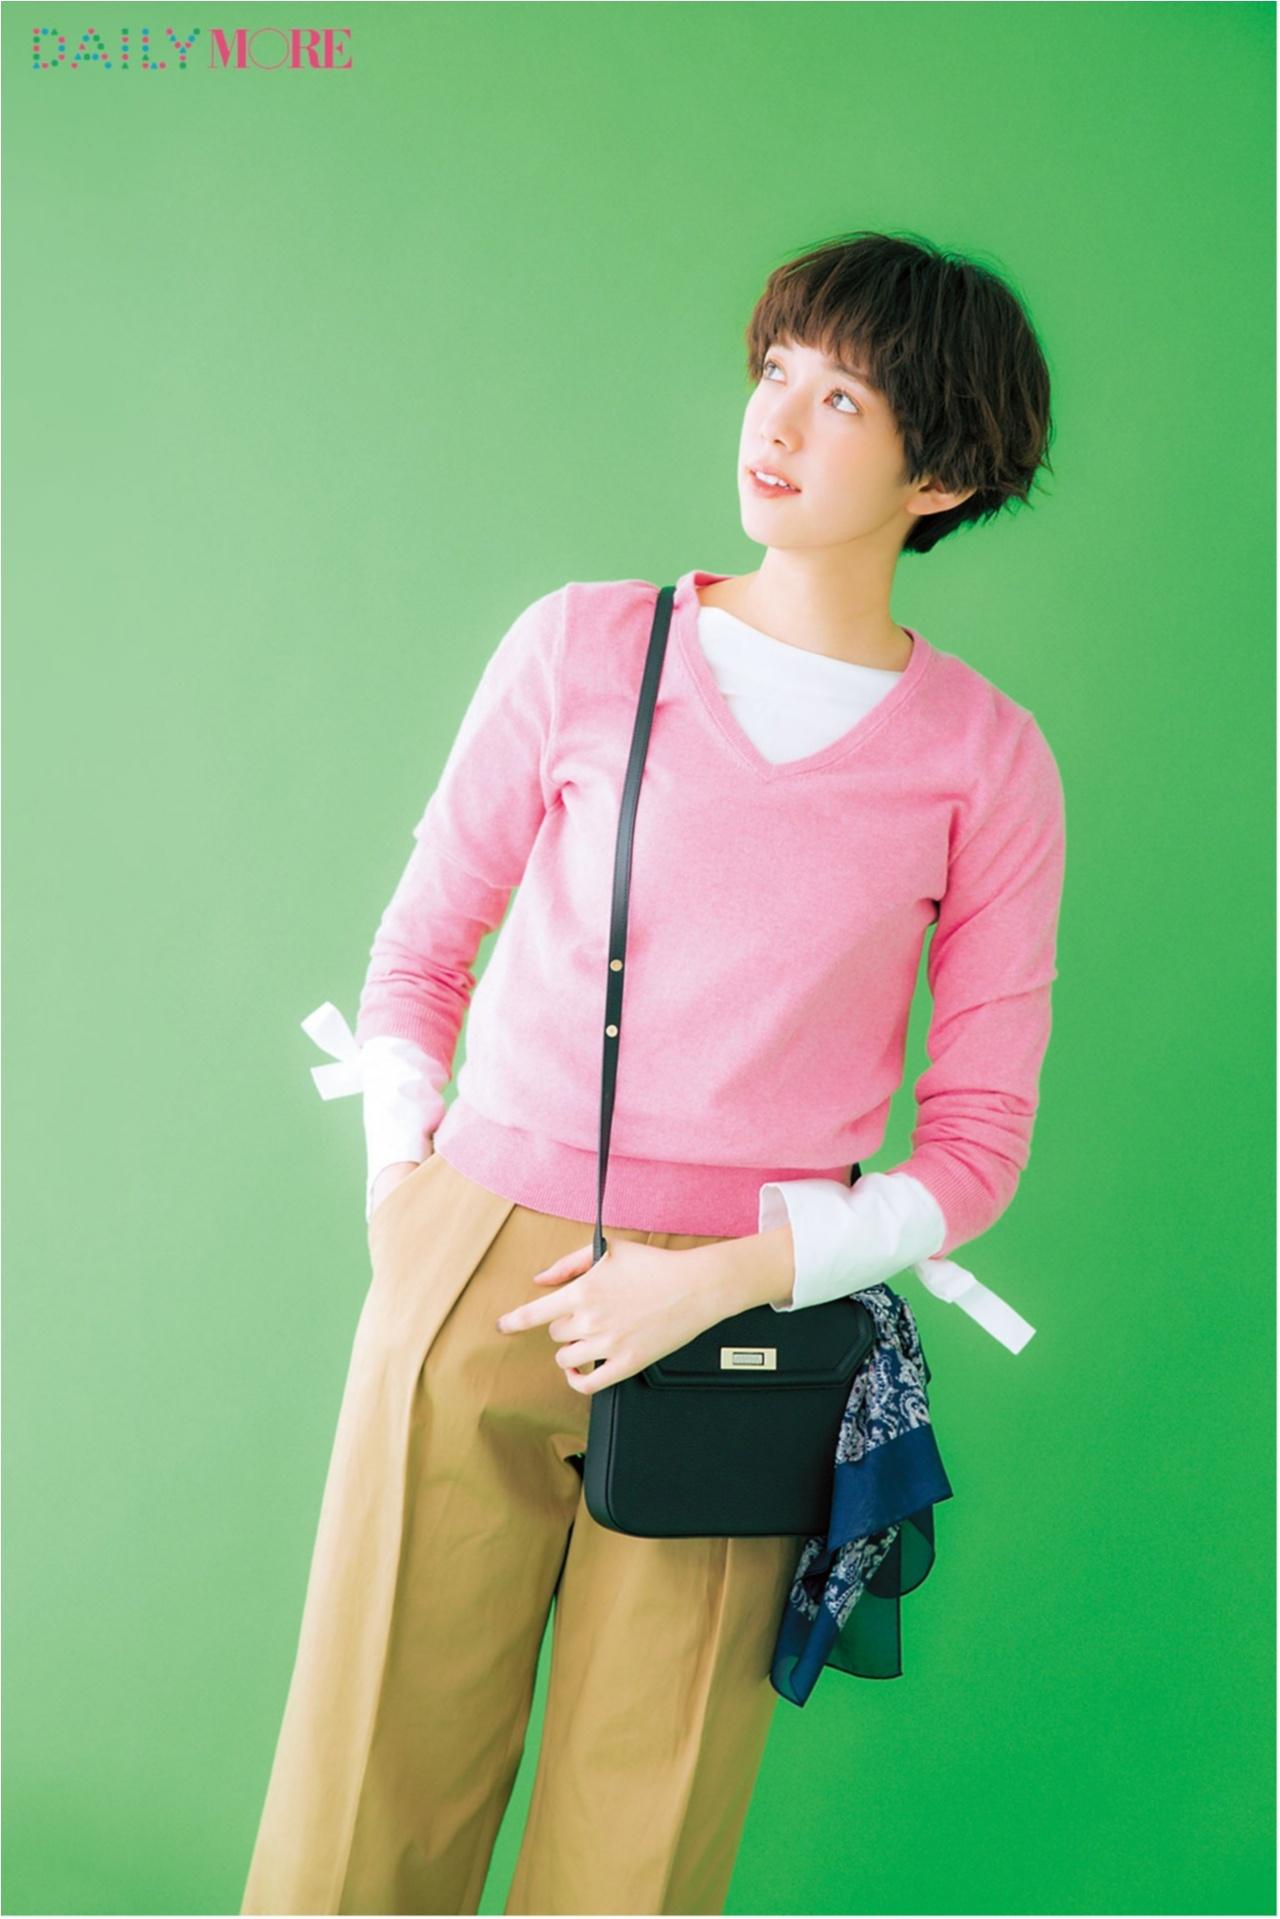 今年の春の主役はPINK!!『大人なピンクのコーデ』まとめ♡_1_10